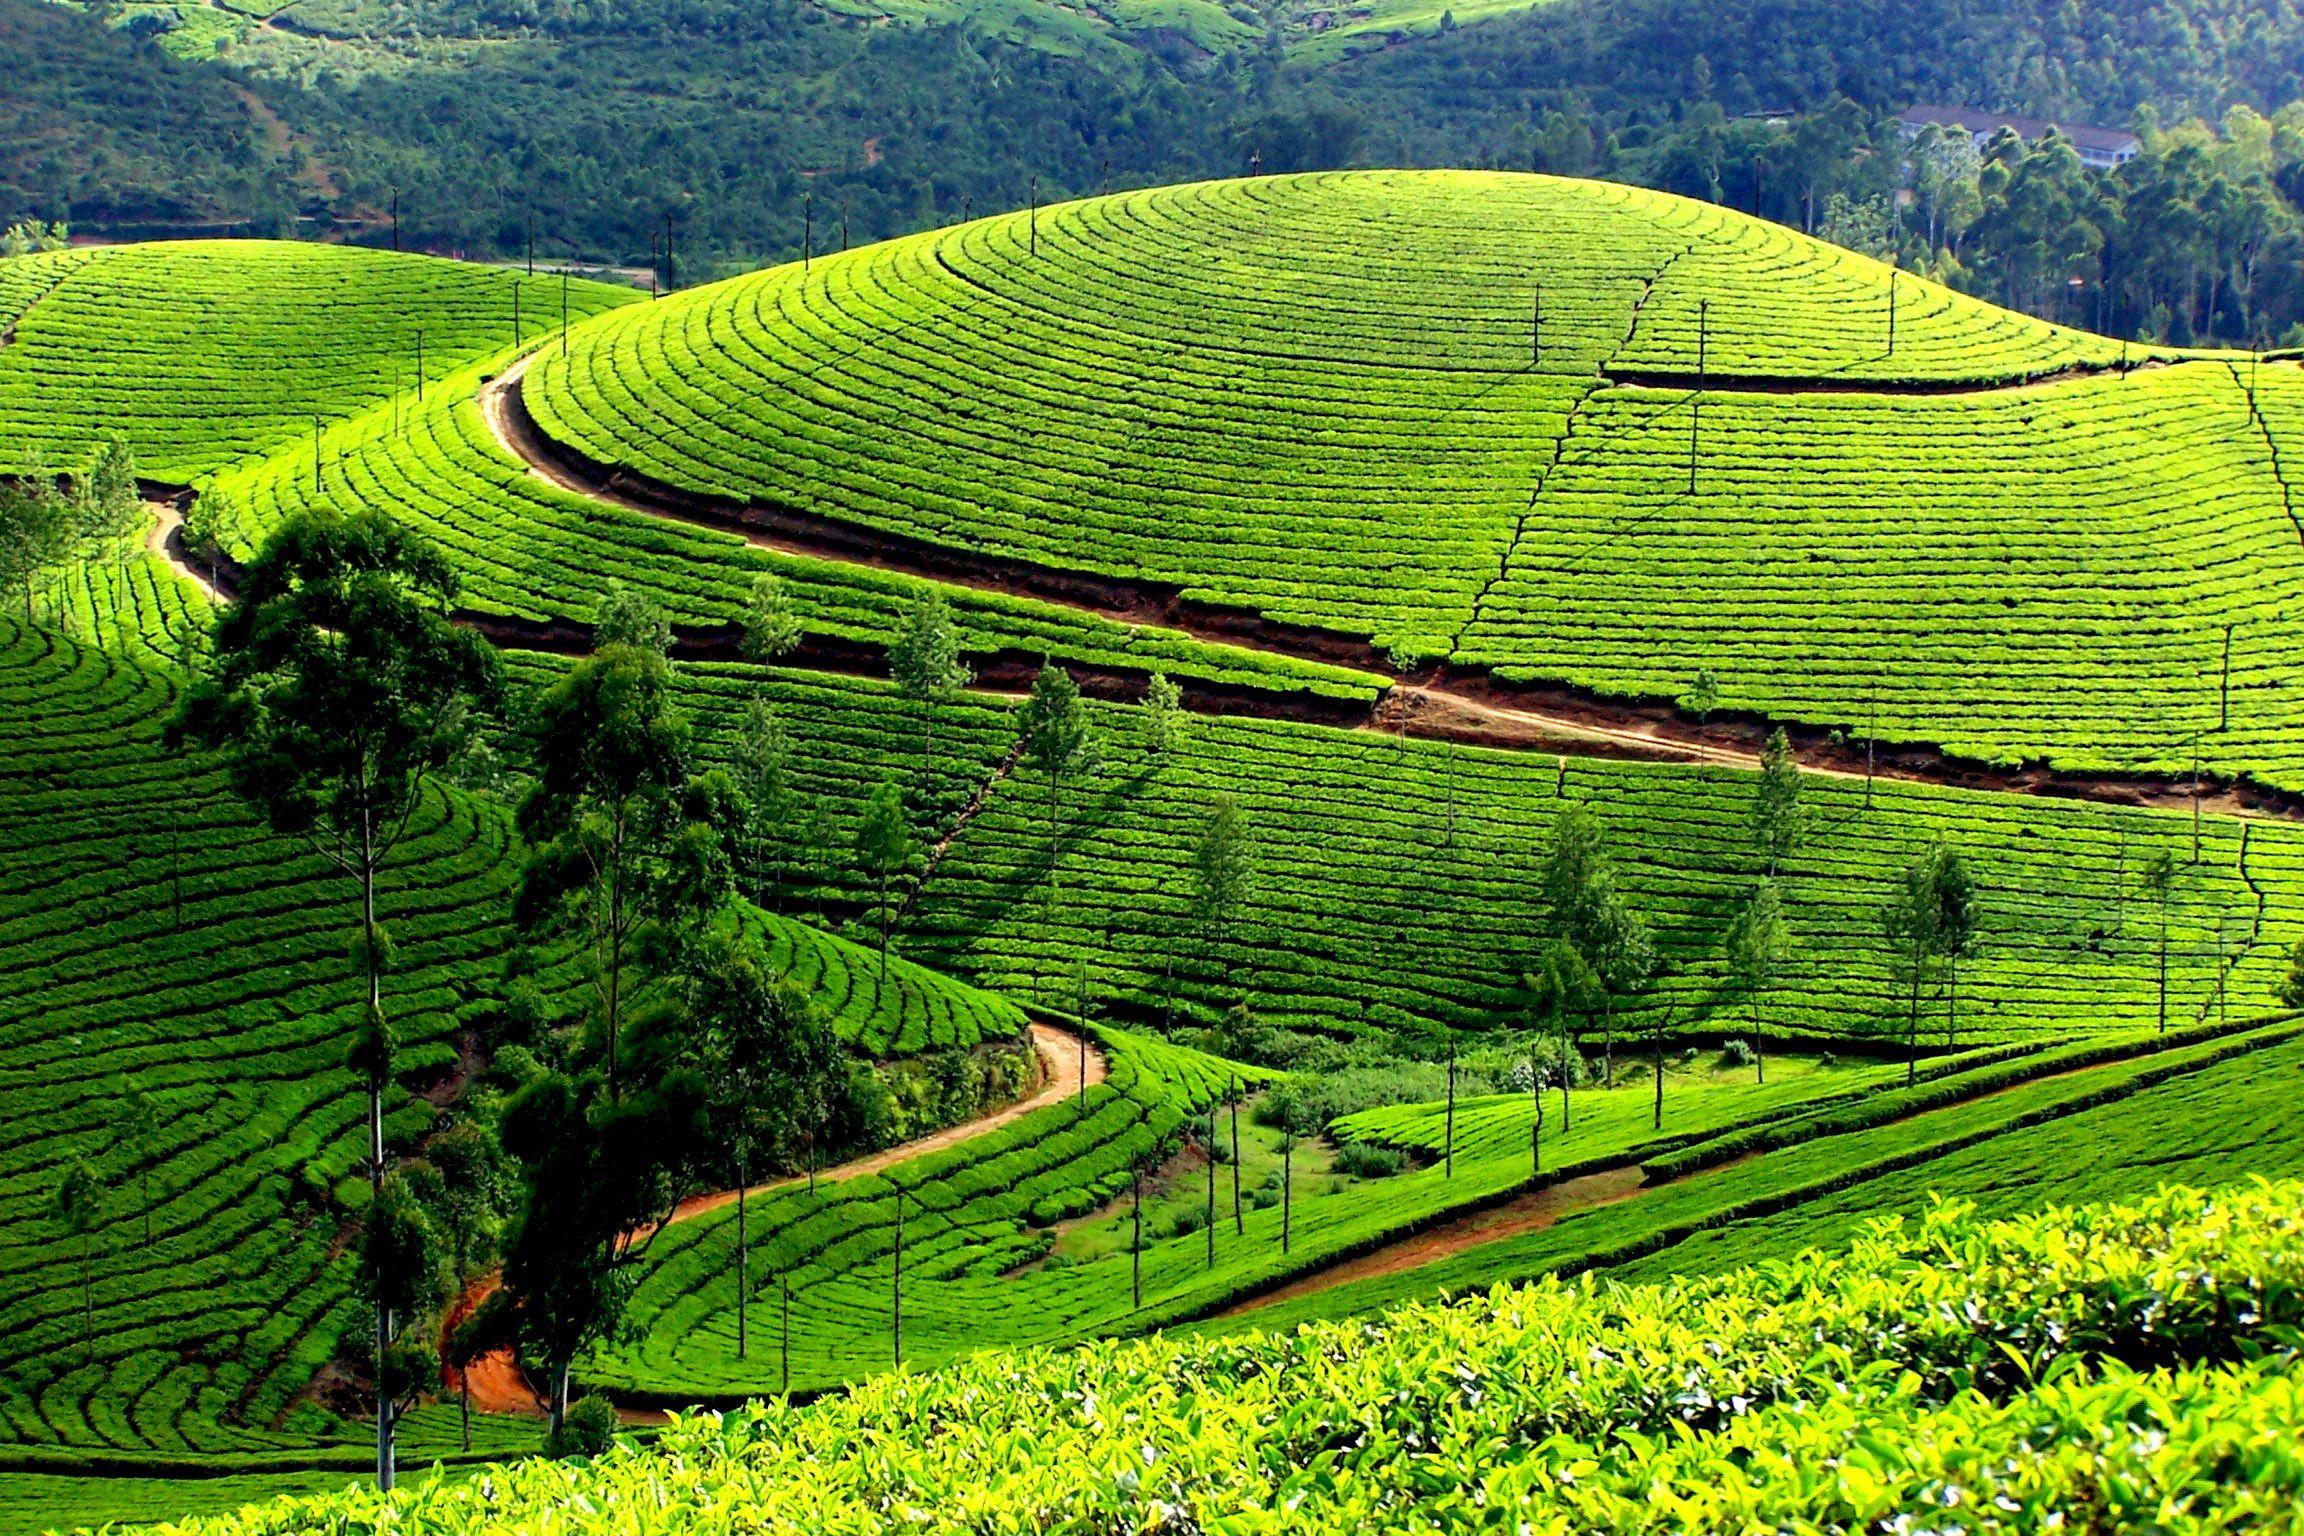 Hd wallpaper kerala - Kerala Greenery Wallpapers Nature Hd